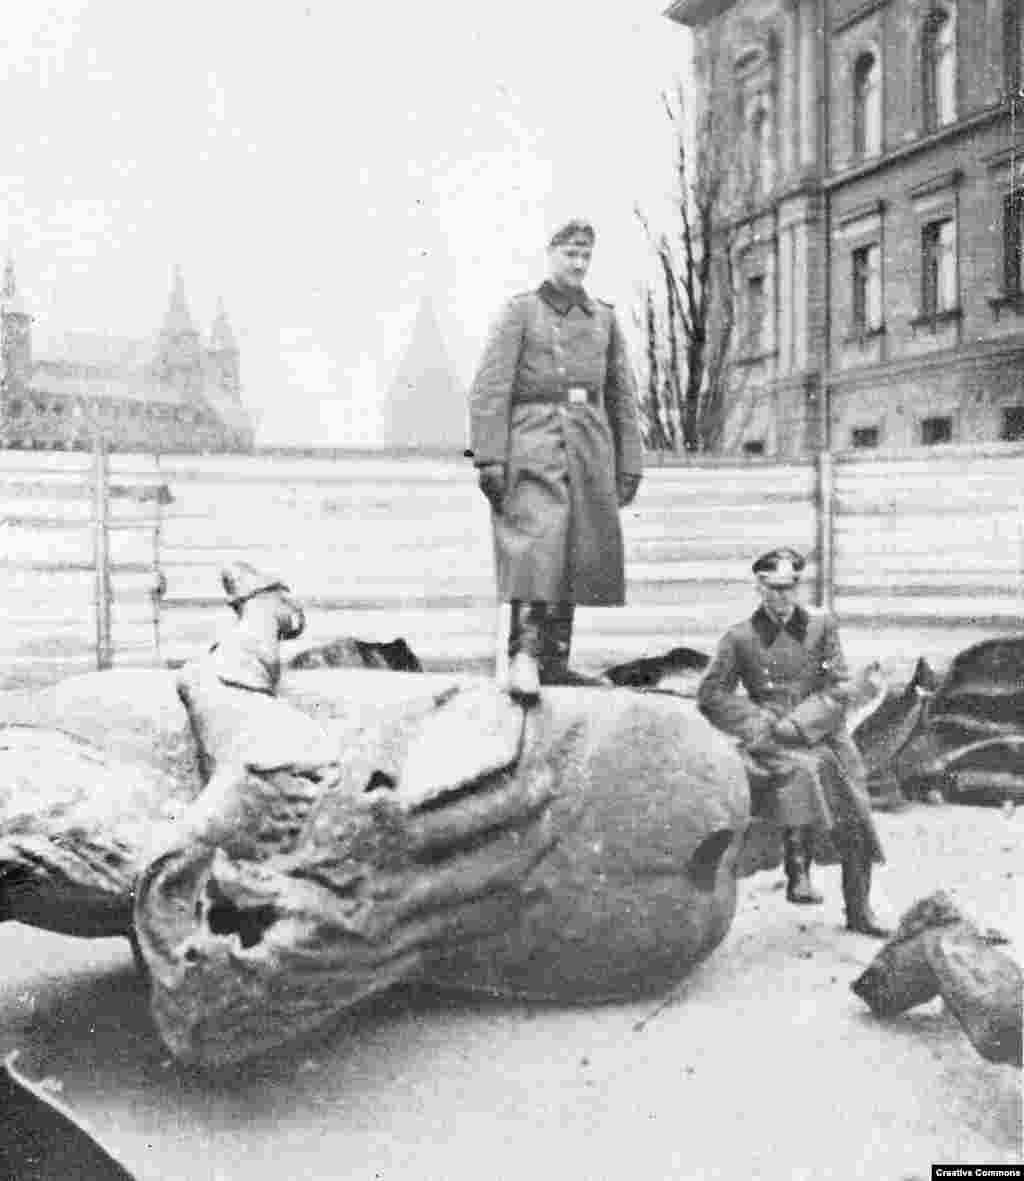 Фрагменты статуи польского короля Владислава II Ягайло лежат на земле. Ее разрушили нацистские войска после вторжения в Польшу в 1939 году